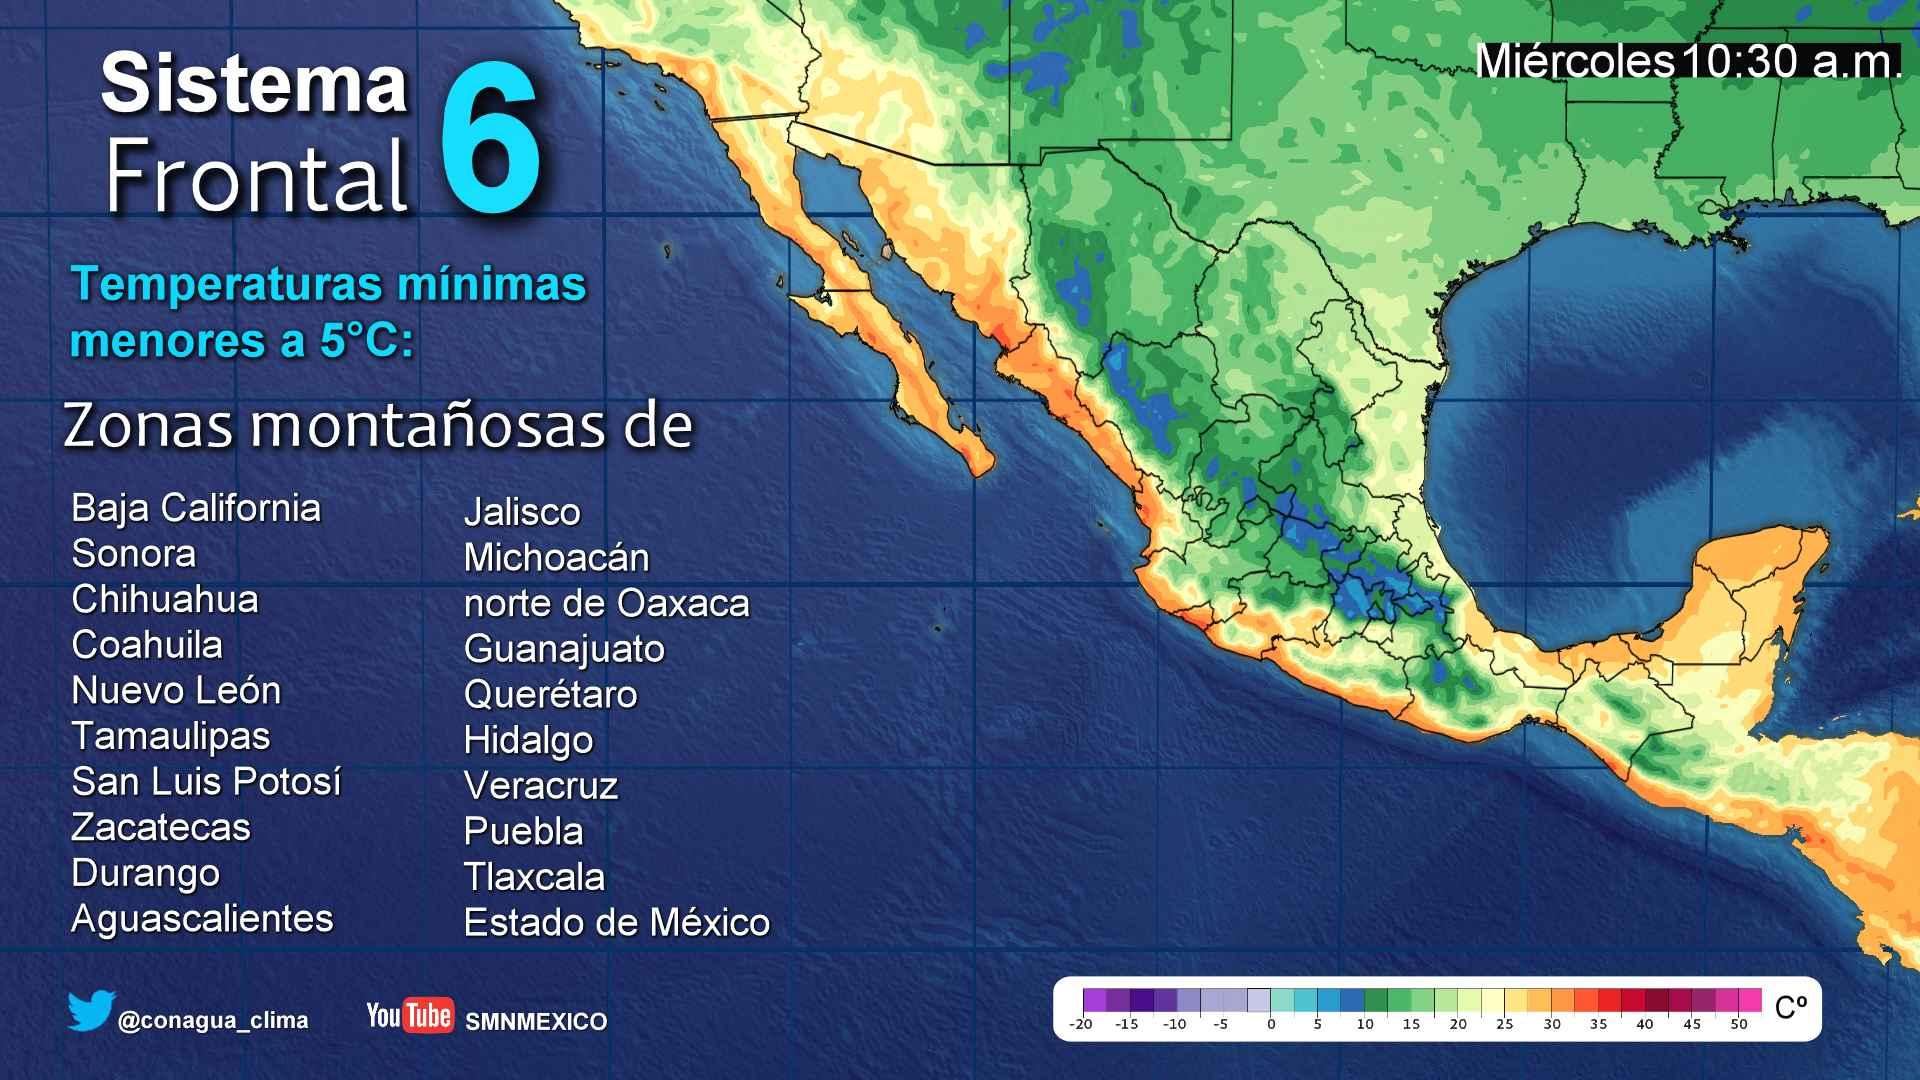 Se mantiene el pronóstico de lluvias dispersas, viento y descenso de temperaturas para Tlaxcala